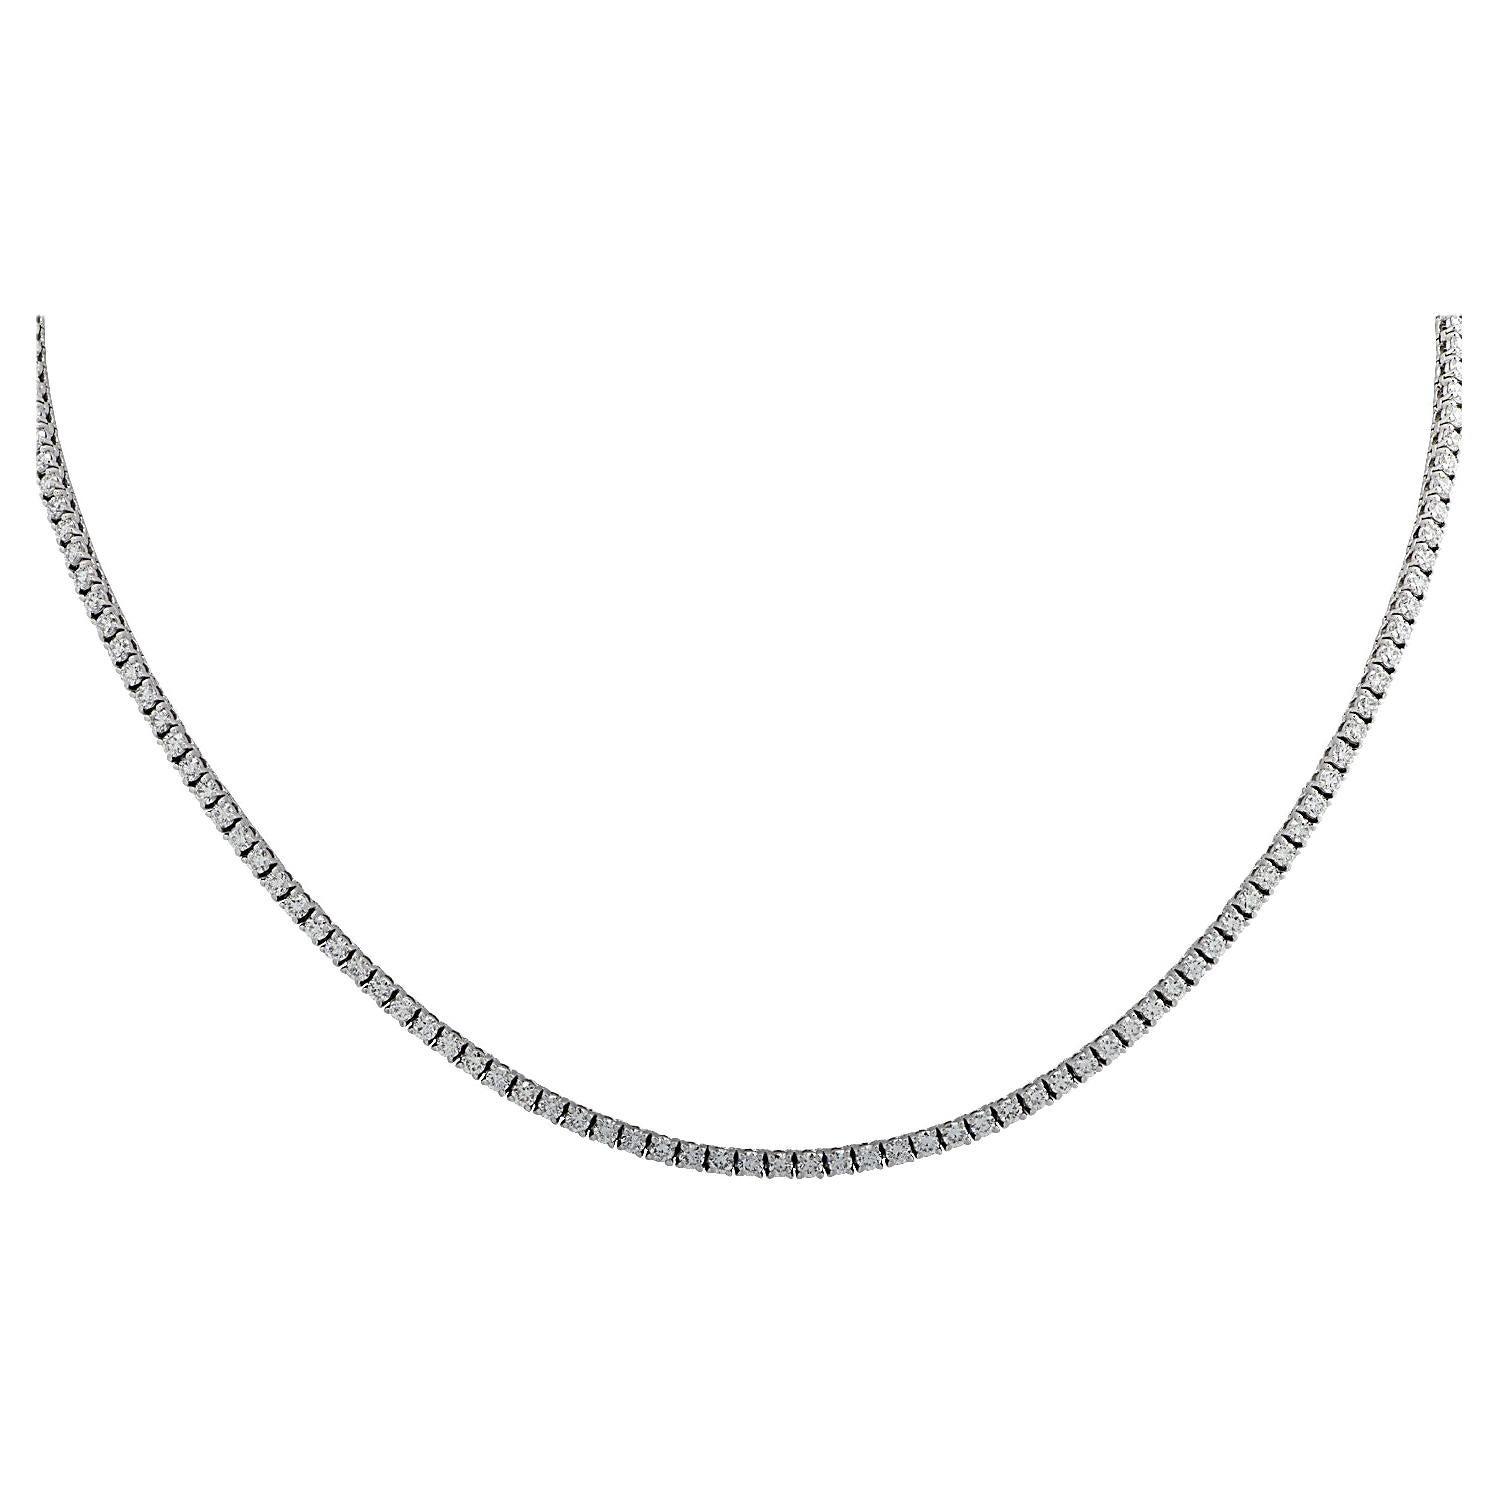 Vivid Diamonds 3.98 Carat Straight Line Diamond Tennis Necklace